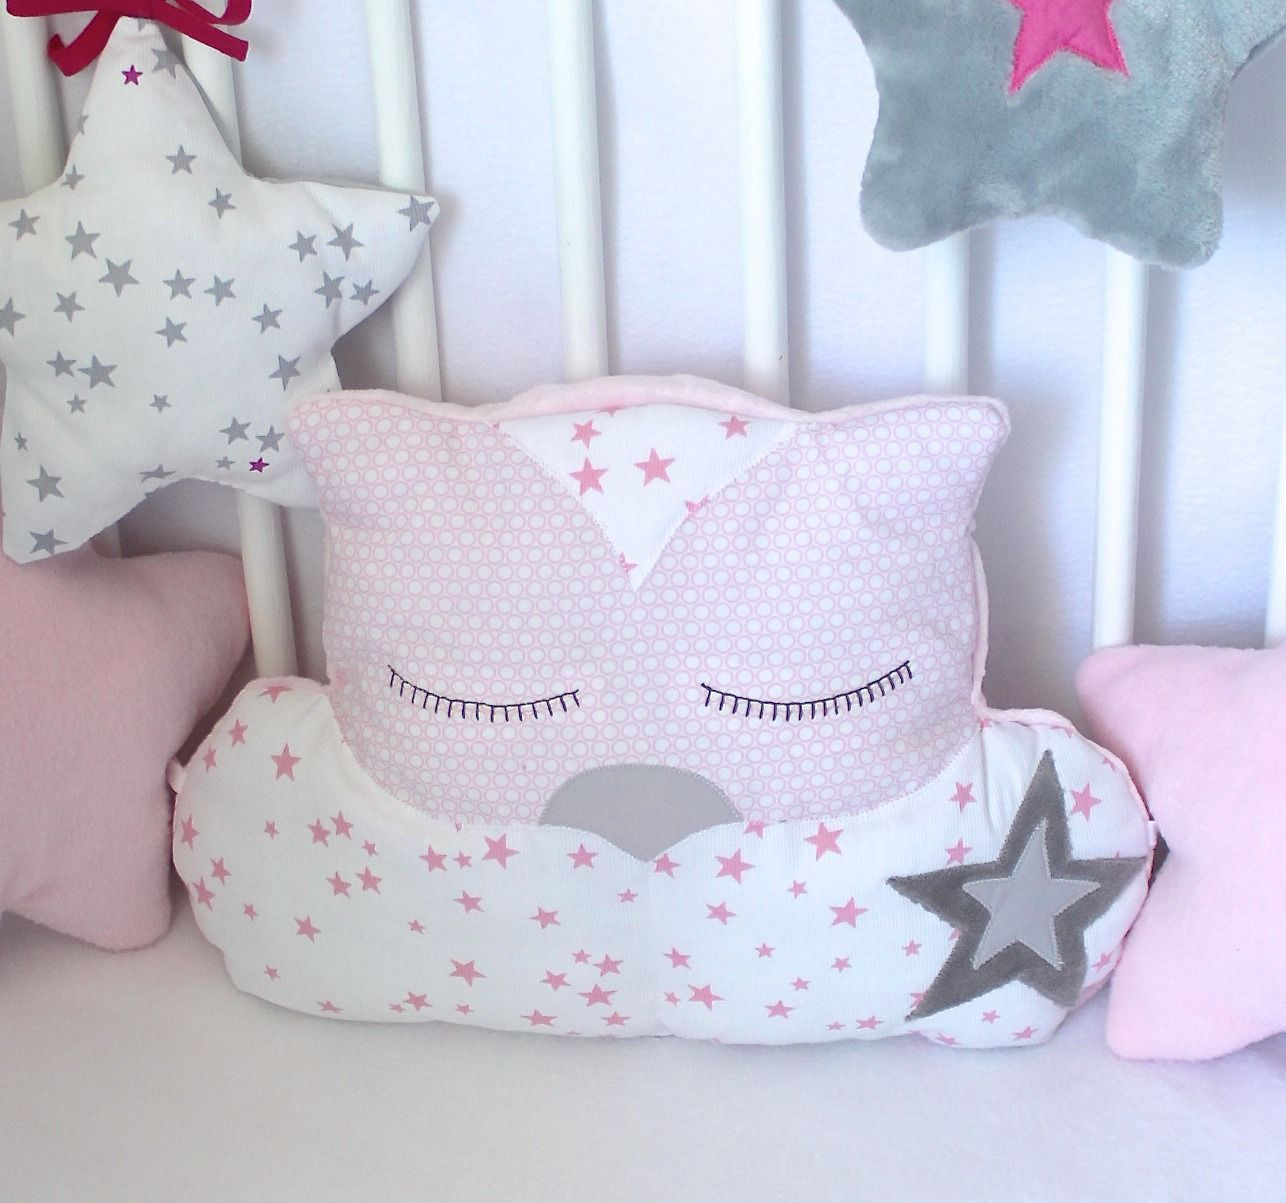 coussin chat rose pour tour de lit b b linge de lit enfants par petit lion vet bebe. Black Bedroom Furniture Sets. Home Design Ideas